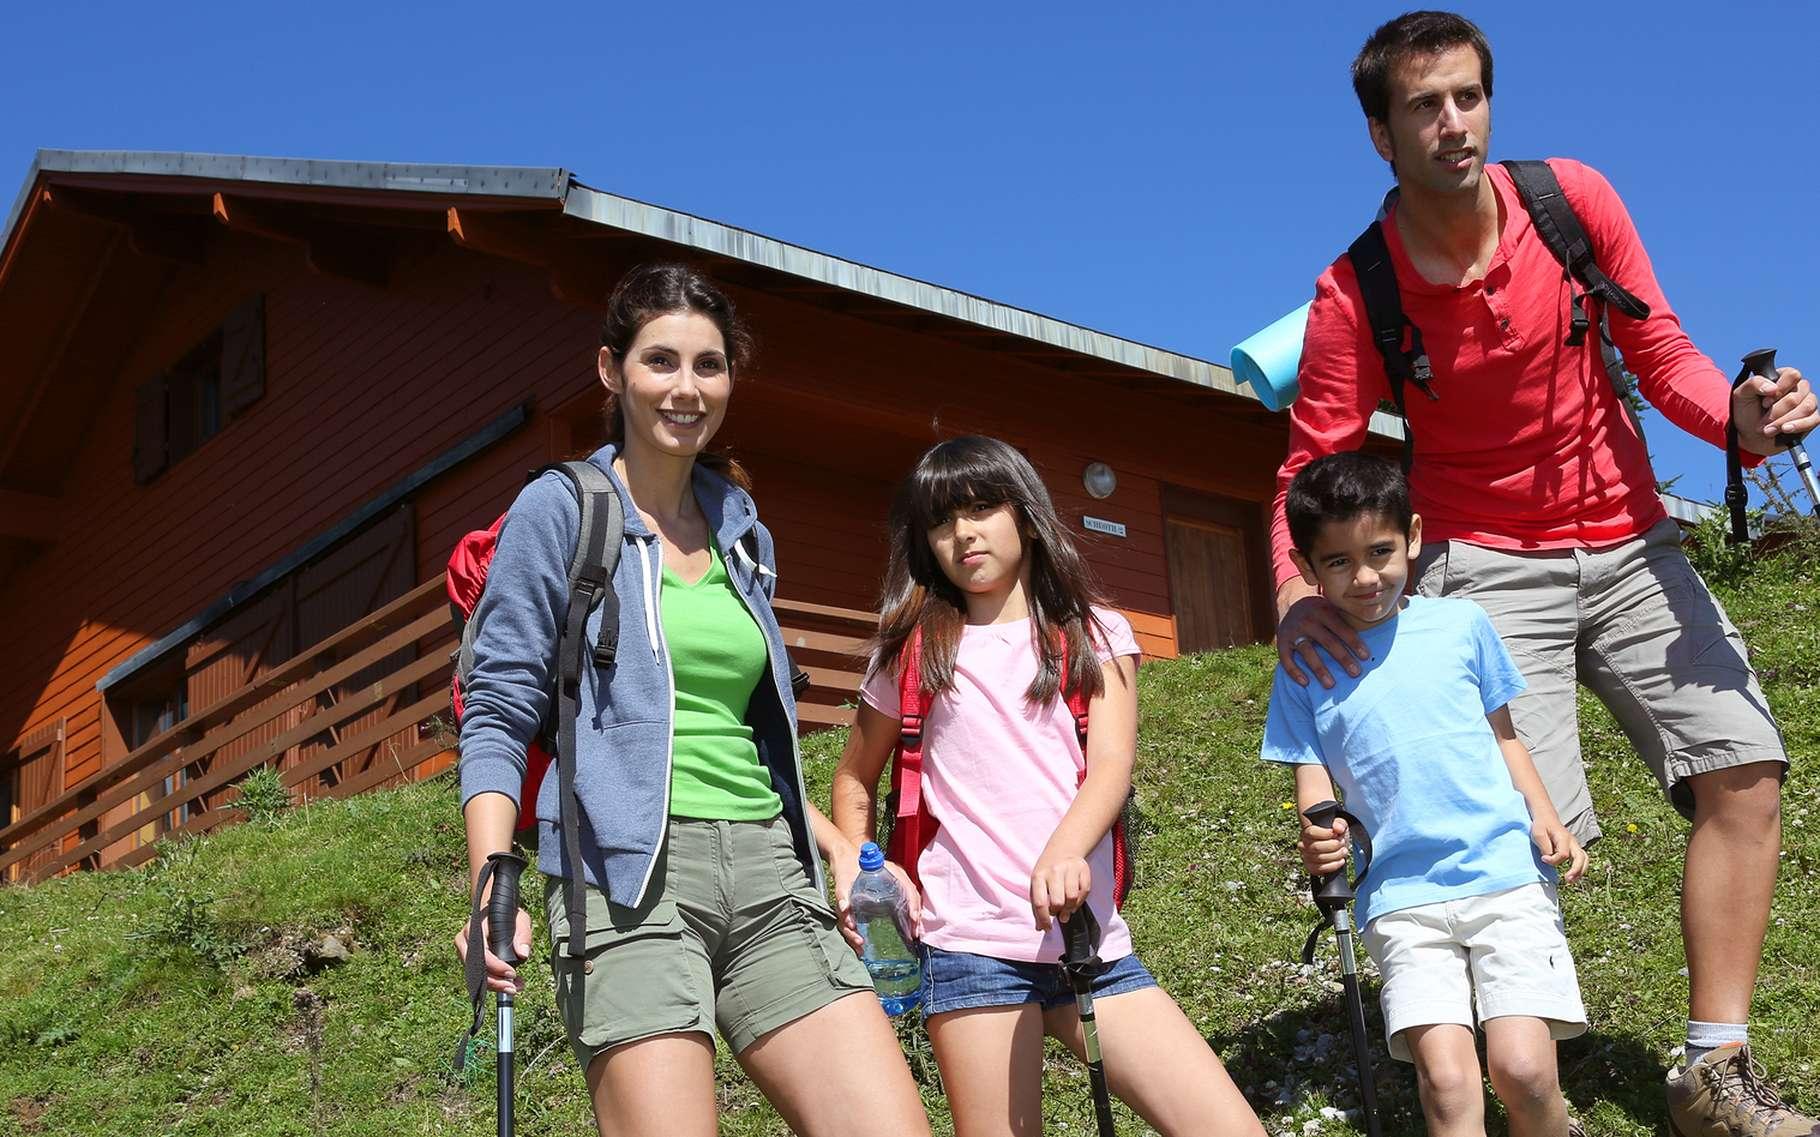 Un conseil : faites de la randonnée pédestre un jeu, pour donner aux enfants le goût de la marche en famille et de la nature. © goodluz, Shutterstock